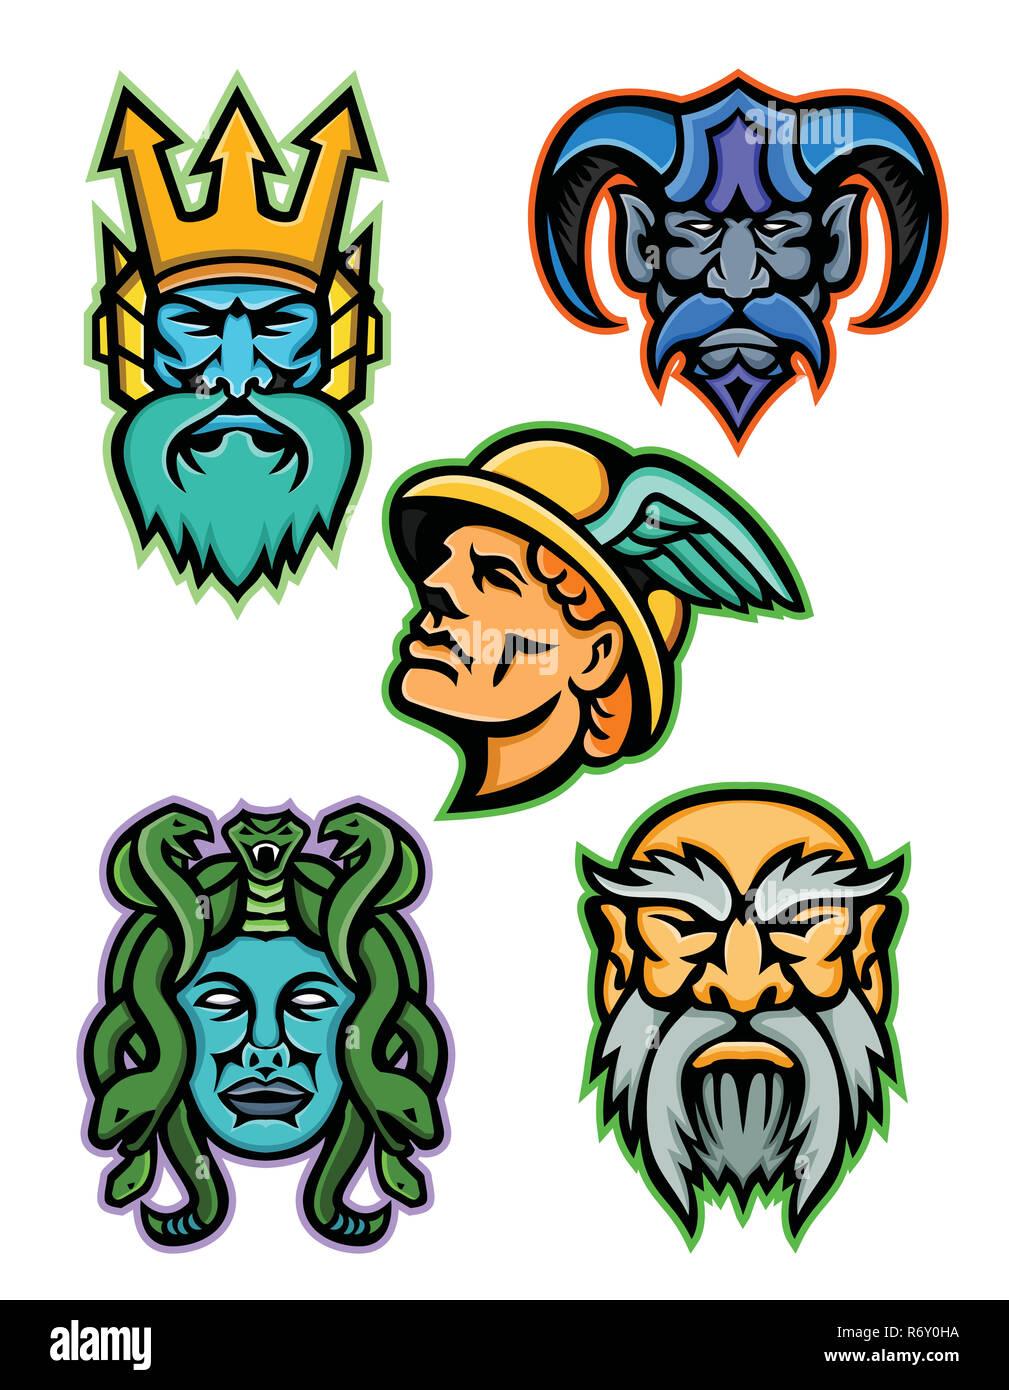 Greek Mythology Gods Mascot Collection - Stock Image